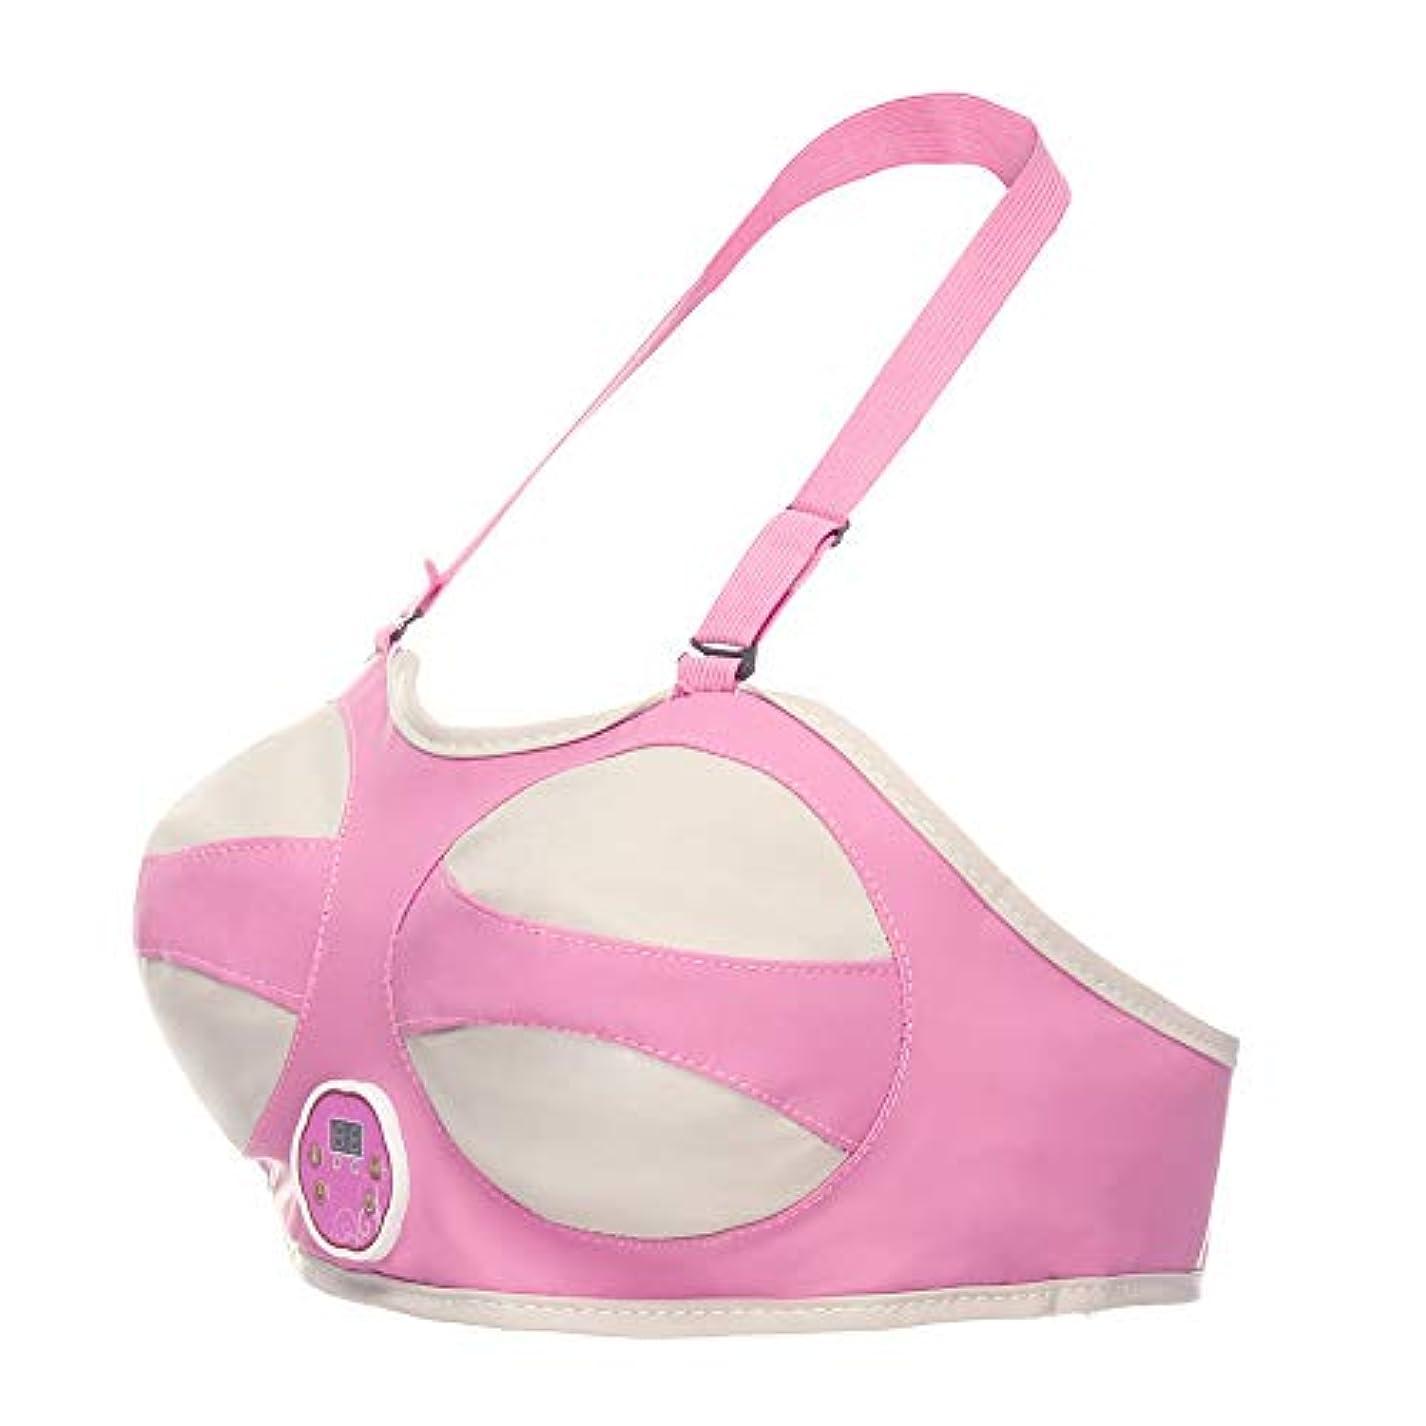 処方シャンプー遠洋の乳房/胸部マッサージ、スマート乳房エンハンサー、ニーディングブラマッサージ乳房増強装置、乳房マッサージの増加を支援,L